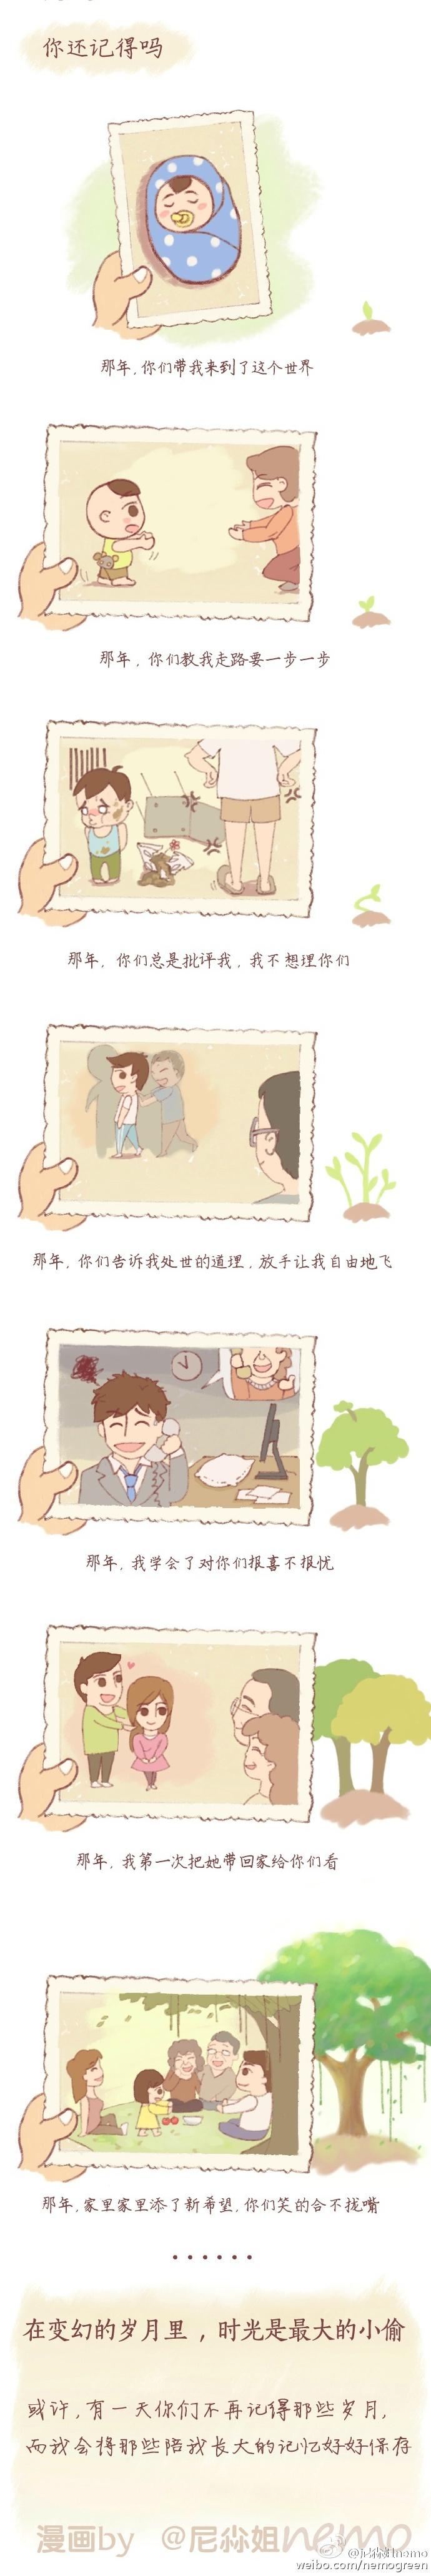 那年,榕树下的时光 短篇/四格漫画 动漫 nemo萌子